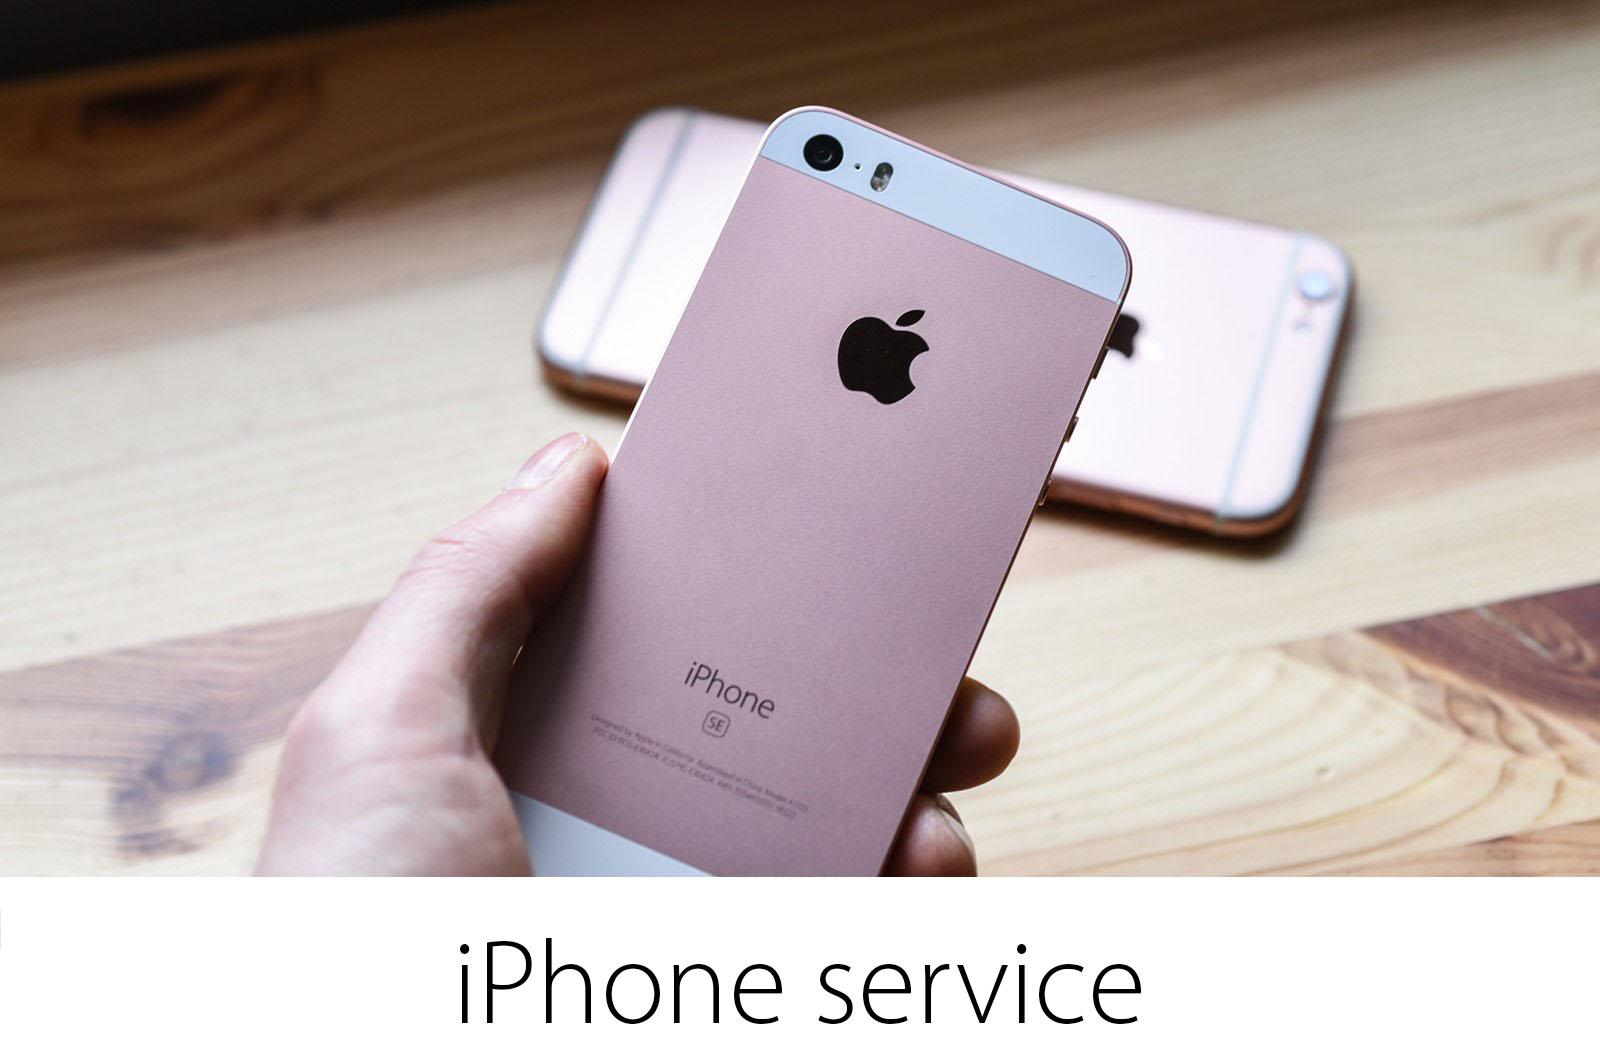 iphoneservice